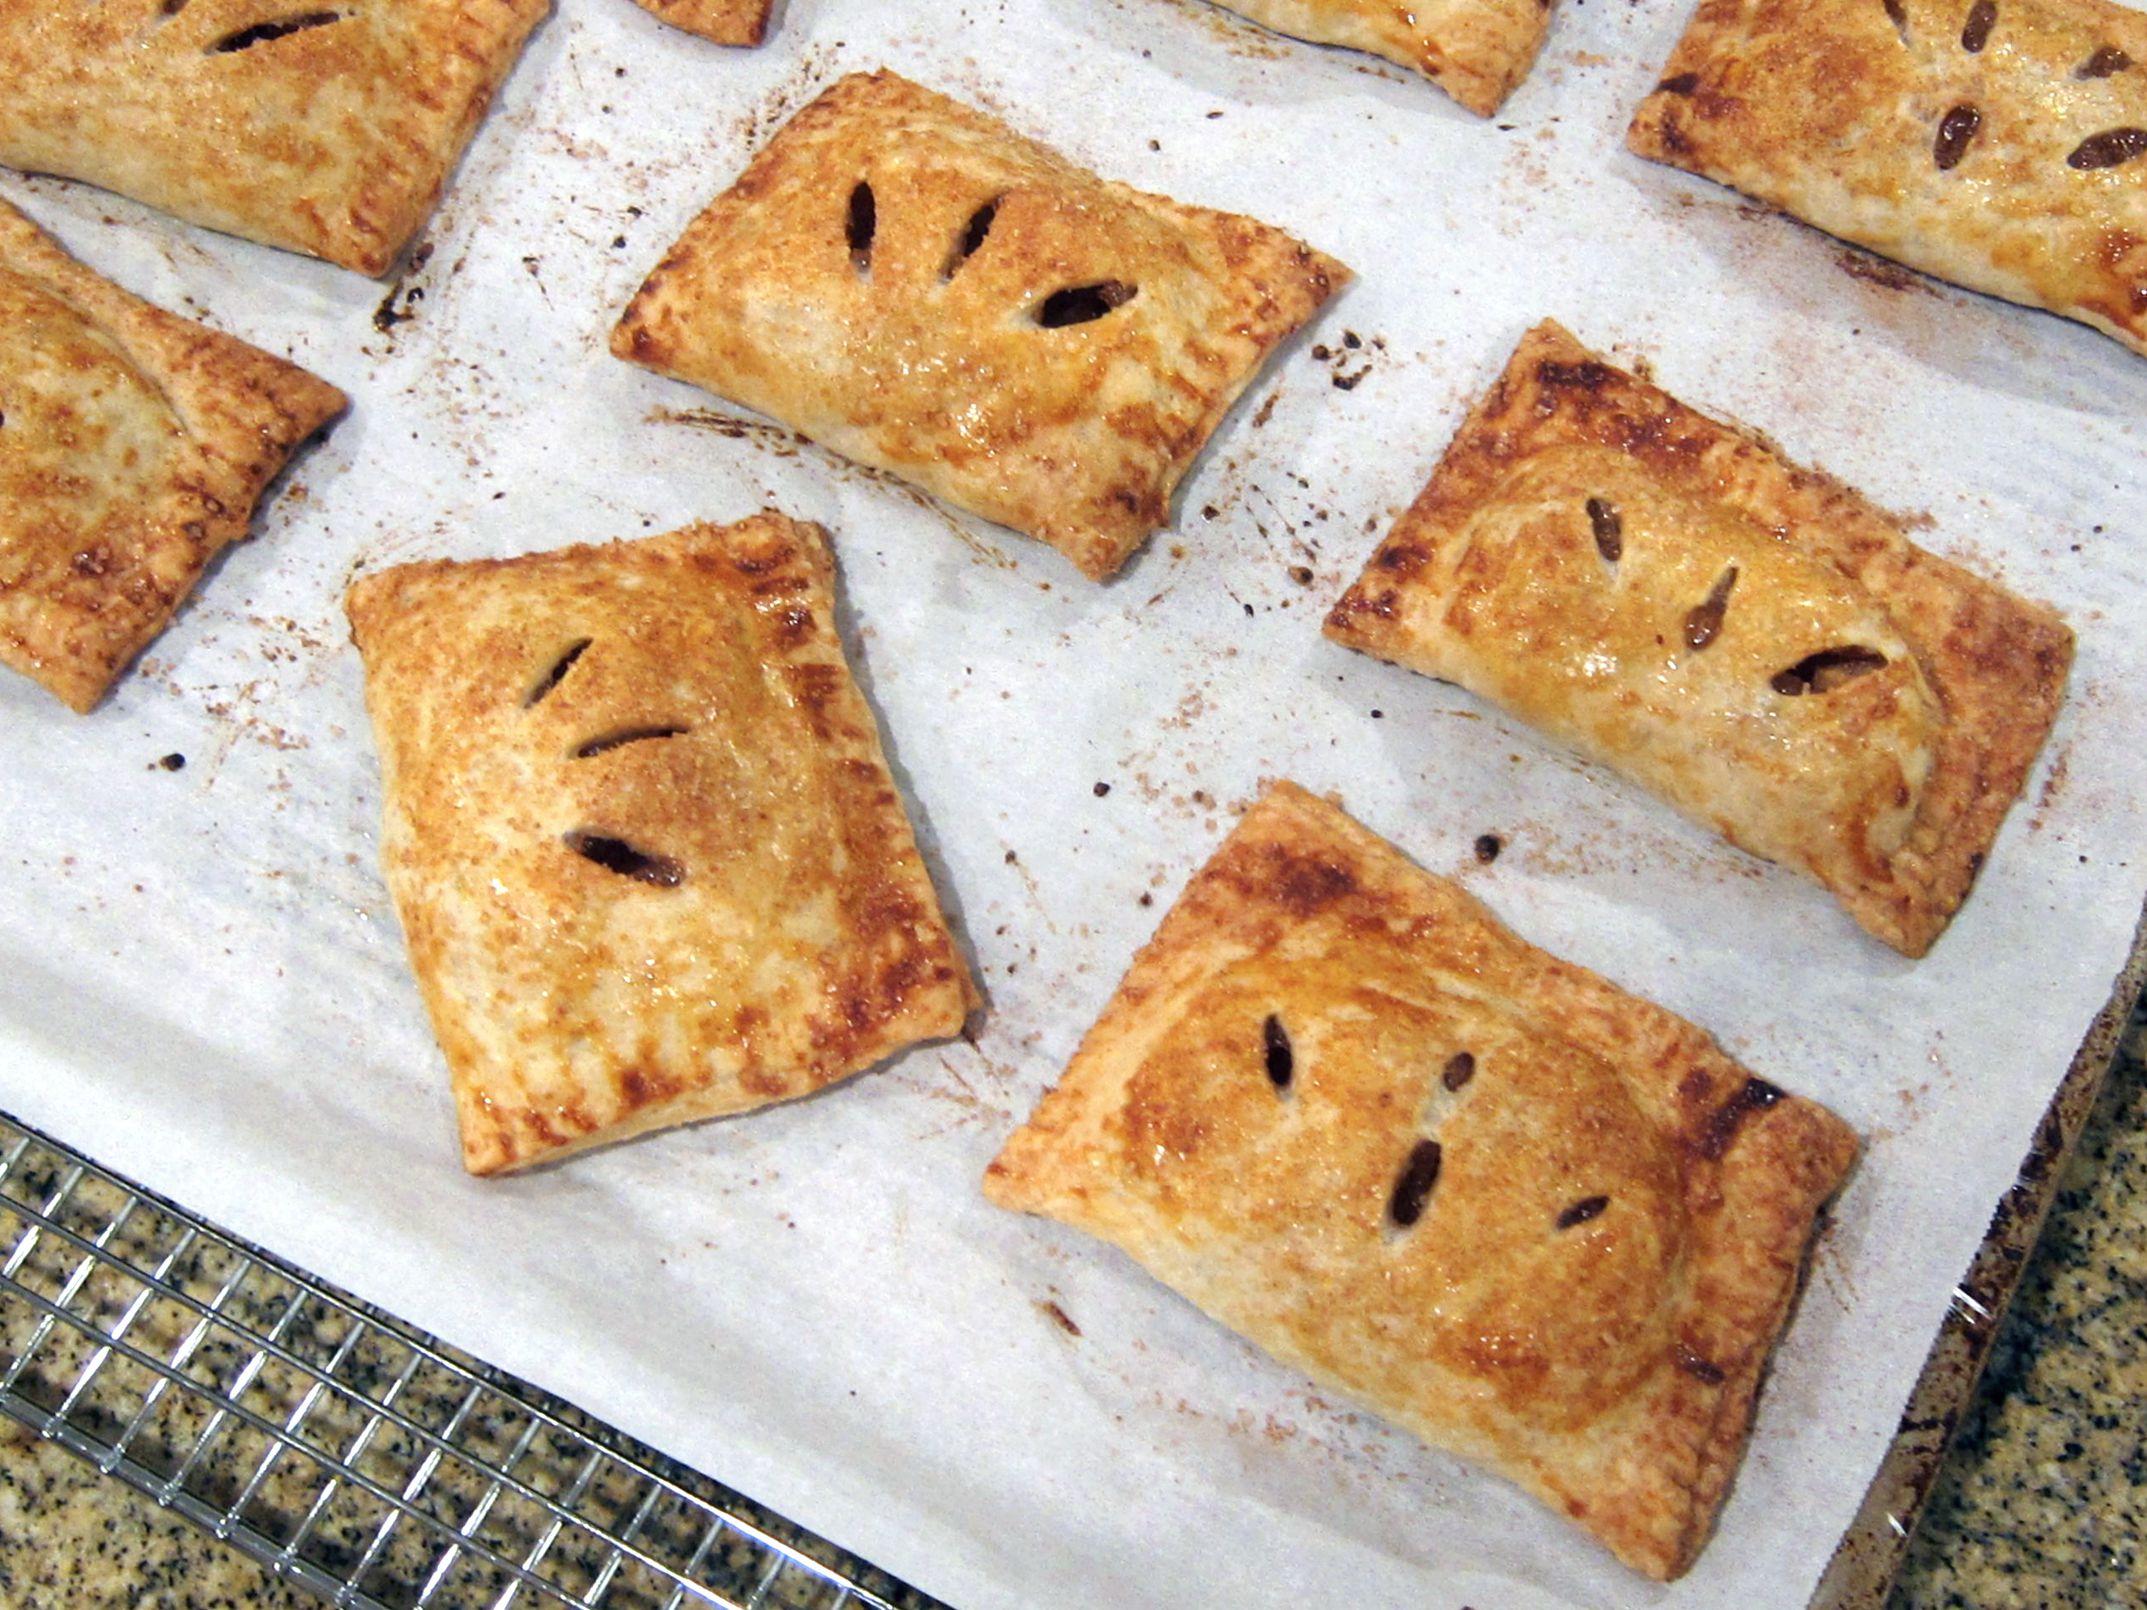 Handheld Apple Pies